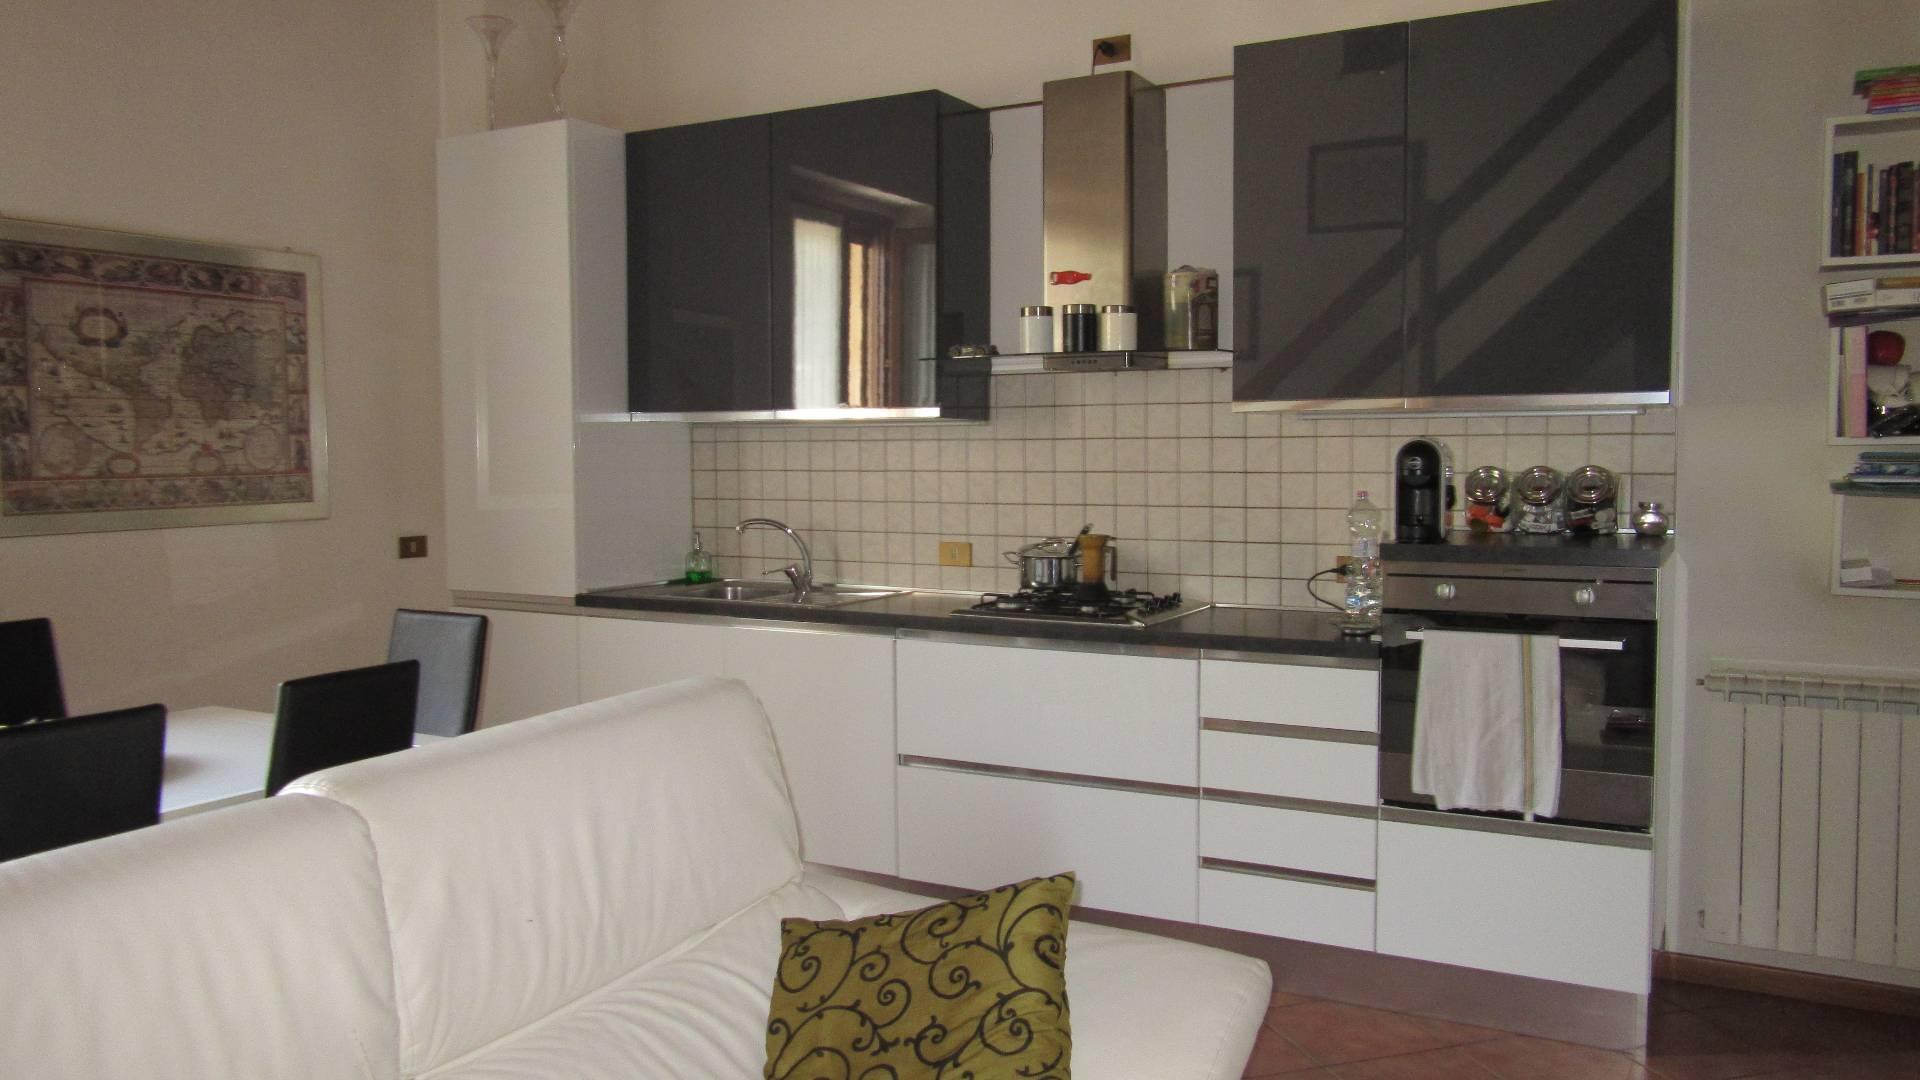 Appartamento in affitto a Villa Carcina, 4 locali, zona Zona: Villa, prezzo € 550 | CambioCasa.it